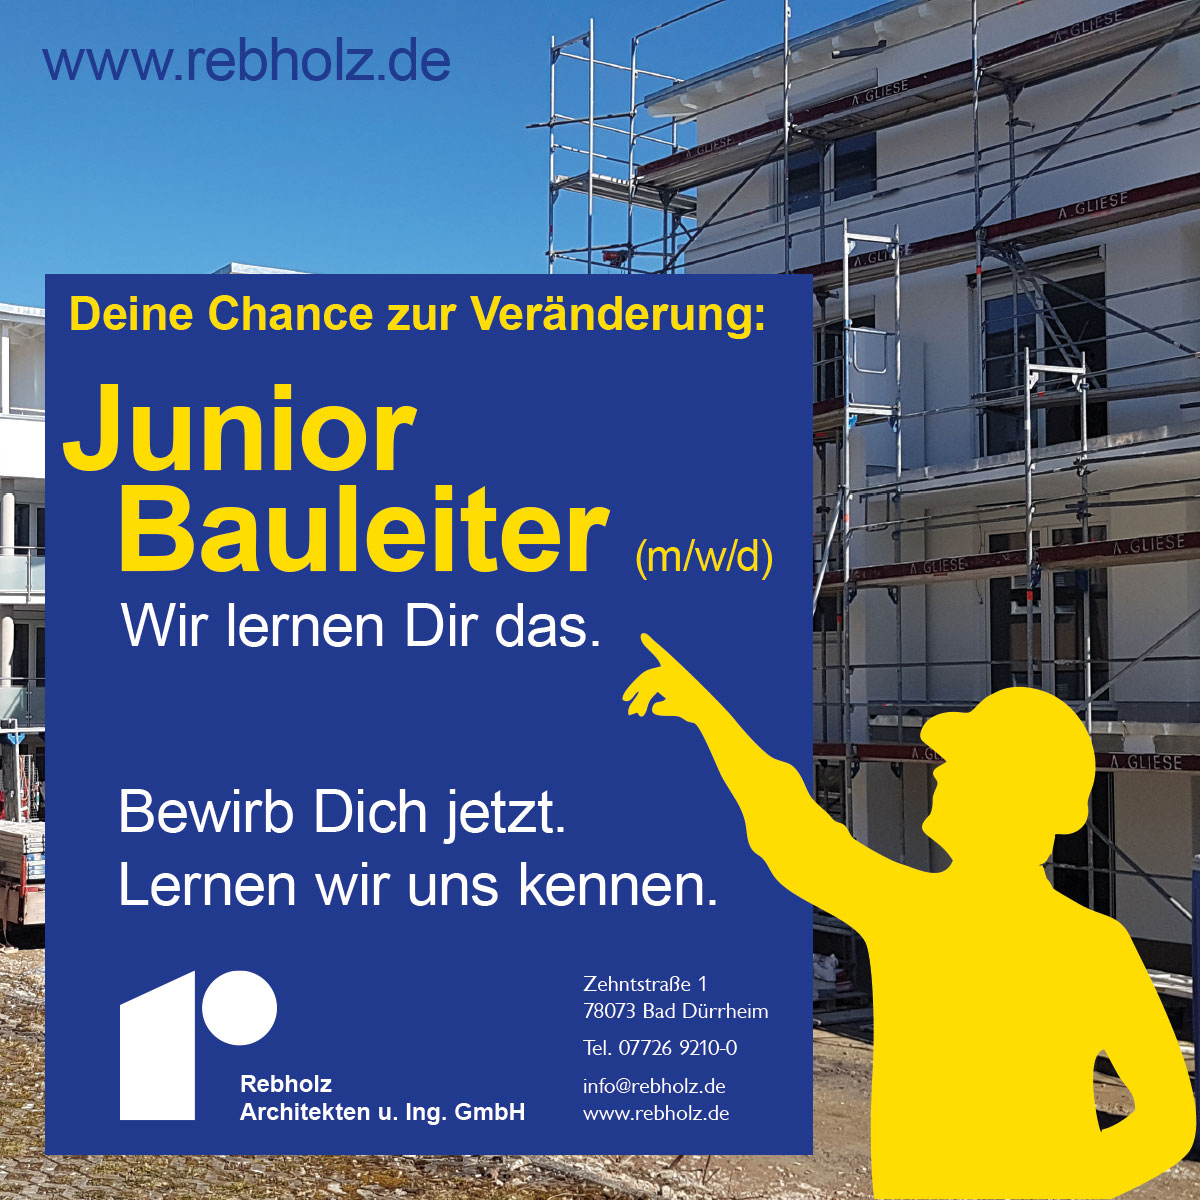 Stellenanzeige Junior Bauleiter gesucht – Rebholz Architekten u. Ing. GmbH, Bad Dürrheim